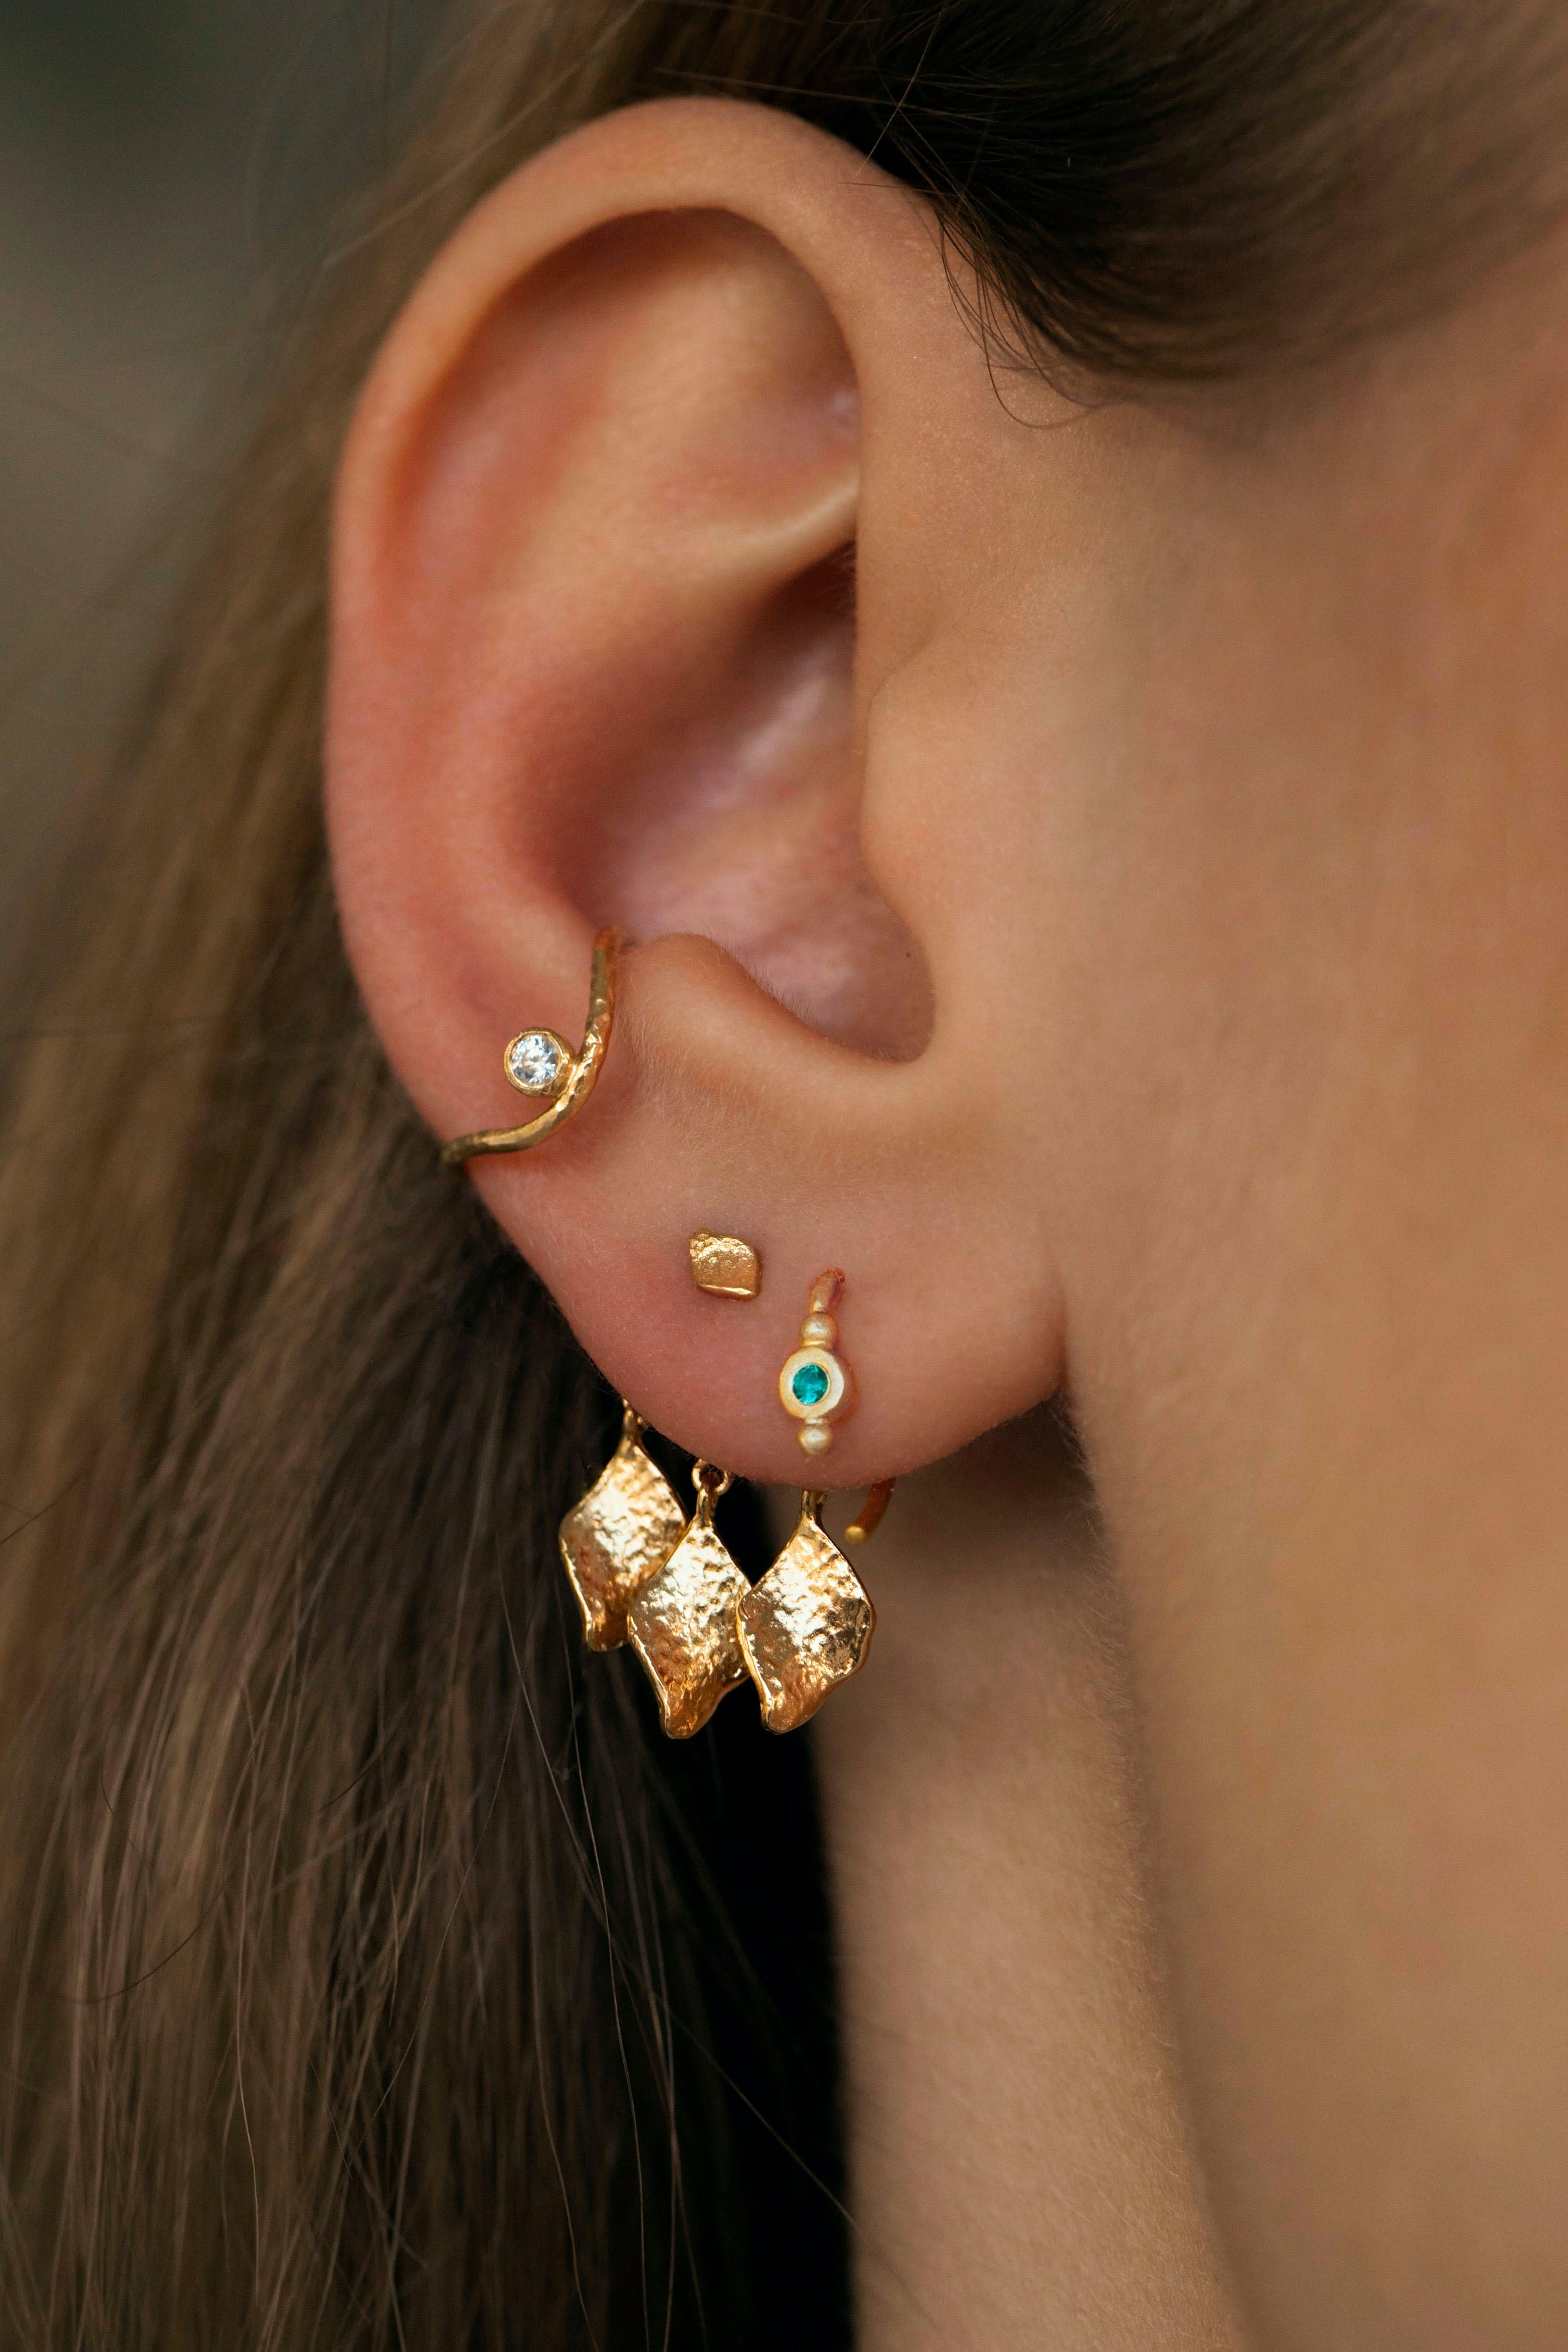 Big Wavy Ear Cuff With Stone